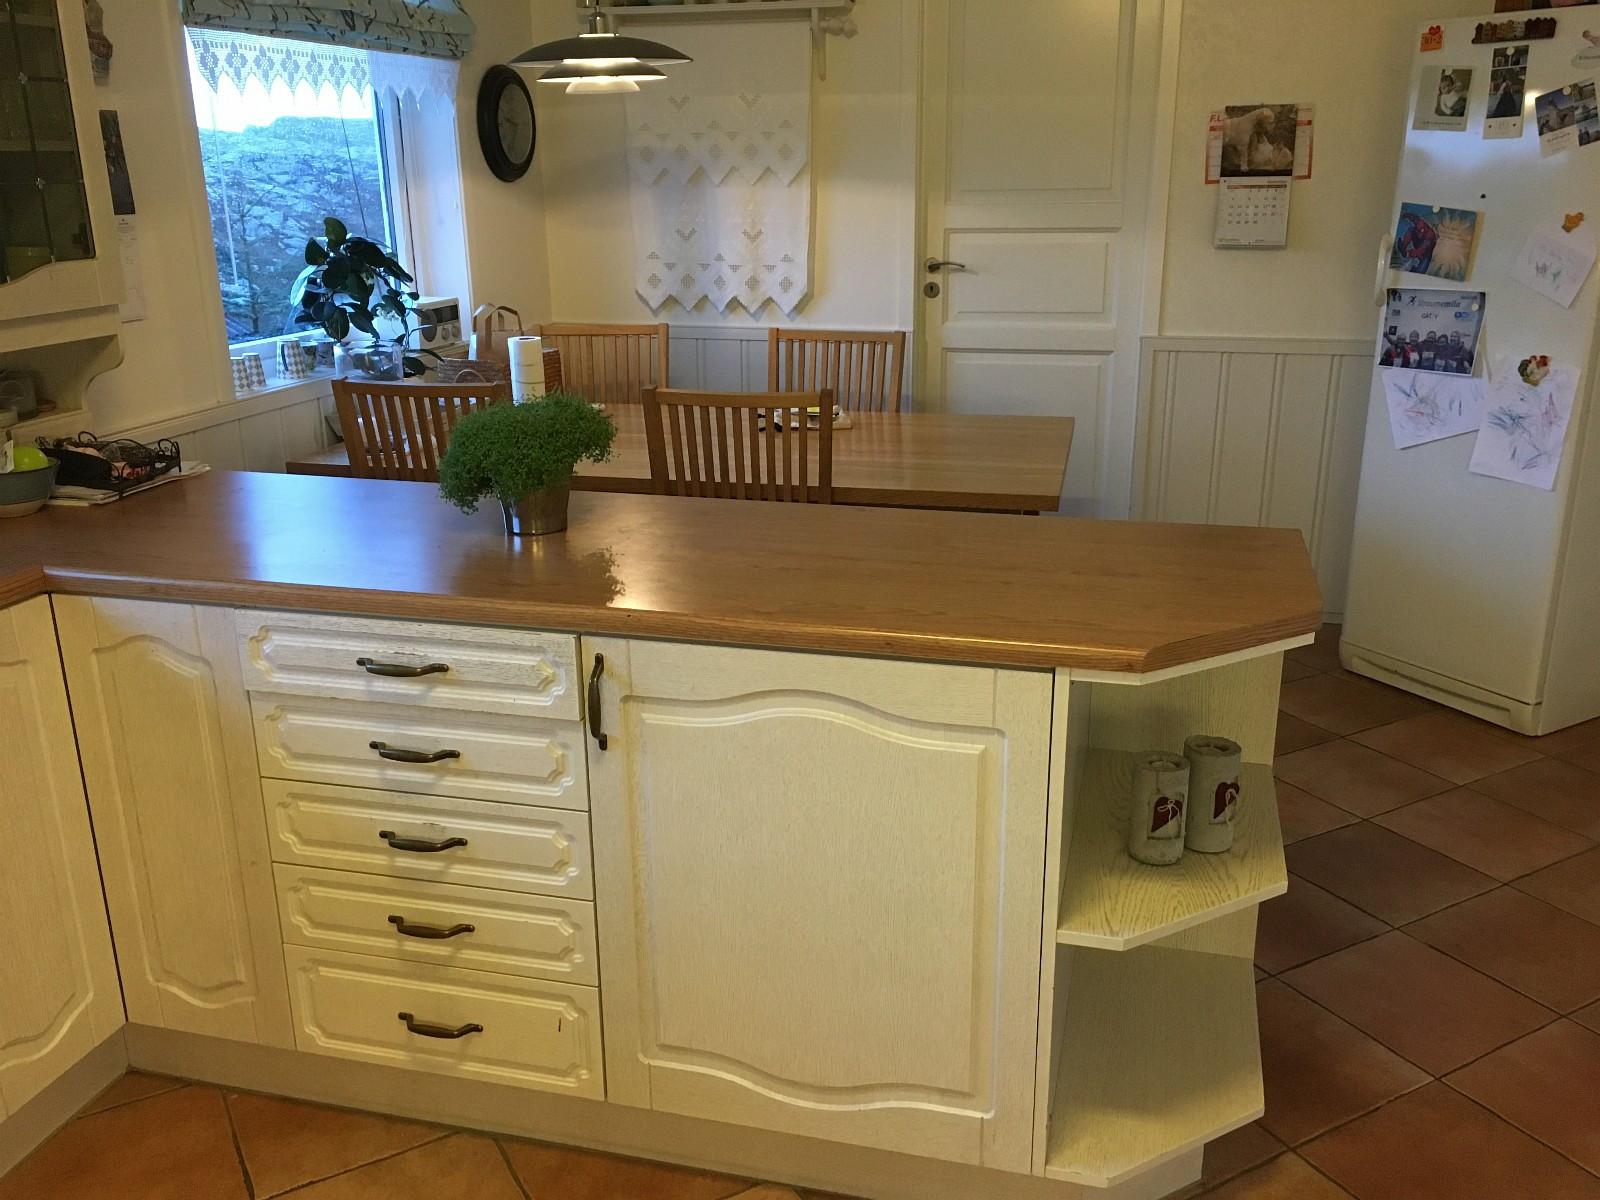 Brukt kjøkken, kalket eik, - Tælavåg  - Brukt kjøkken av god «Dansk Tvis» i kalket eik. kjøkkenet er ikkje demontert endå , ipåvente på nytt, benkeplate mål er 7,10 m totalt, vegg med vask og komfyr er 3,5 m - Tælavåg